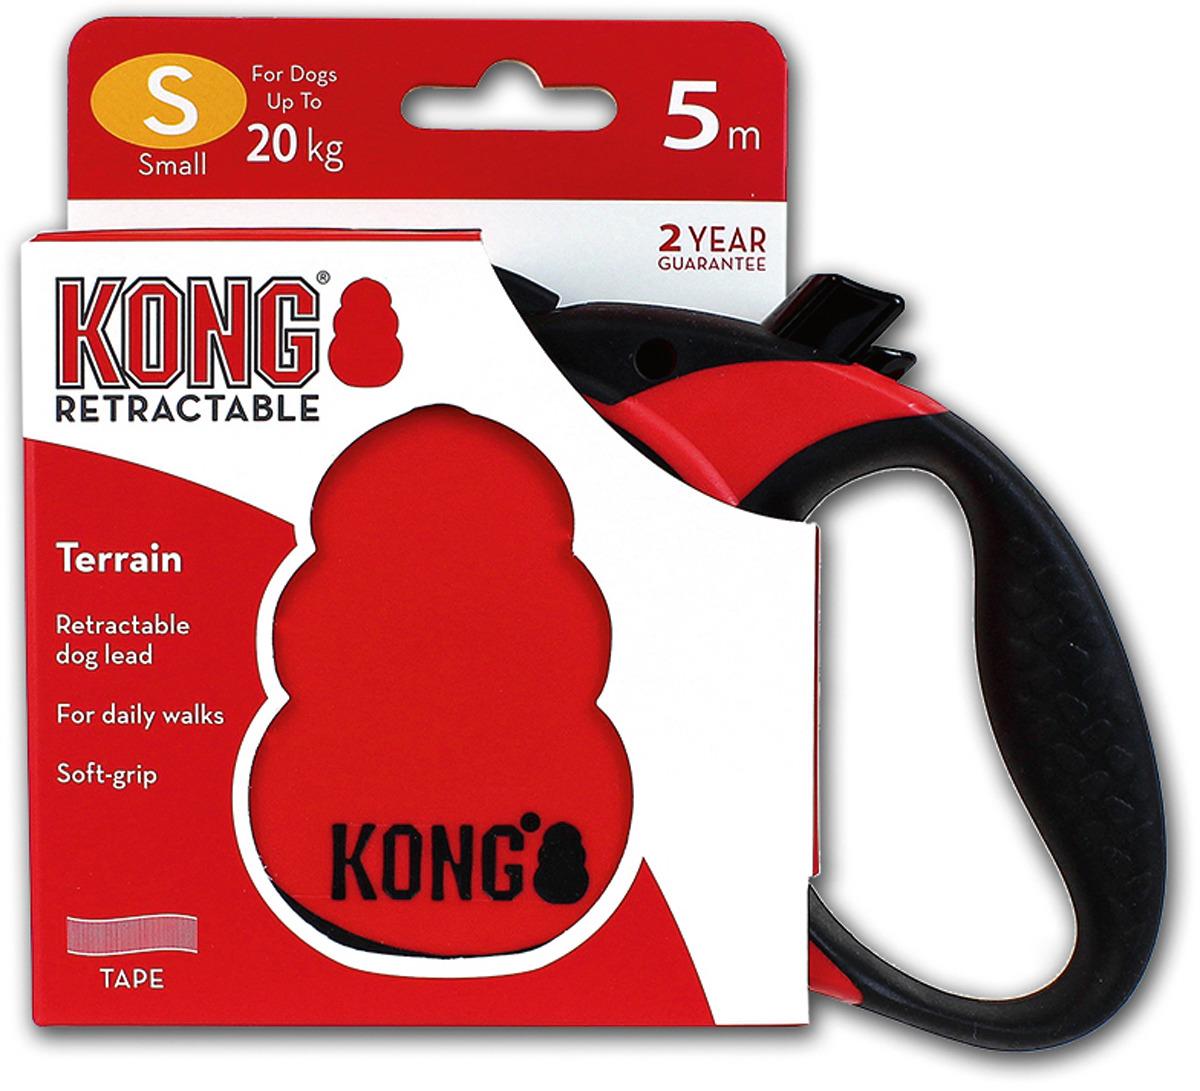 Поводок-рулетка для собак Kong Terrain S, цвет: красный, до 20 кг, 5 м